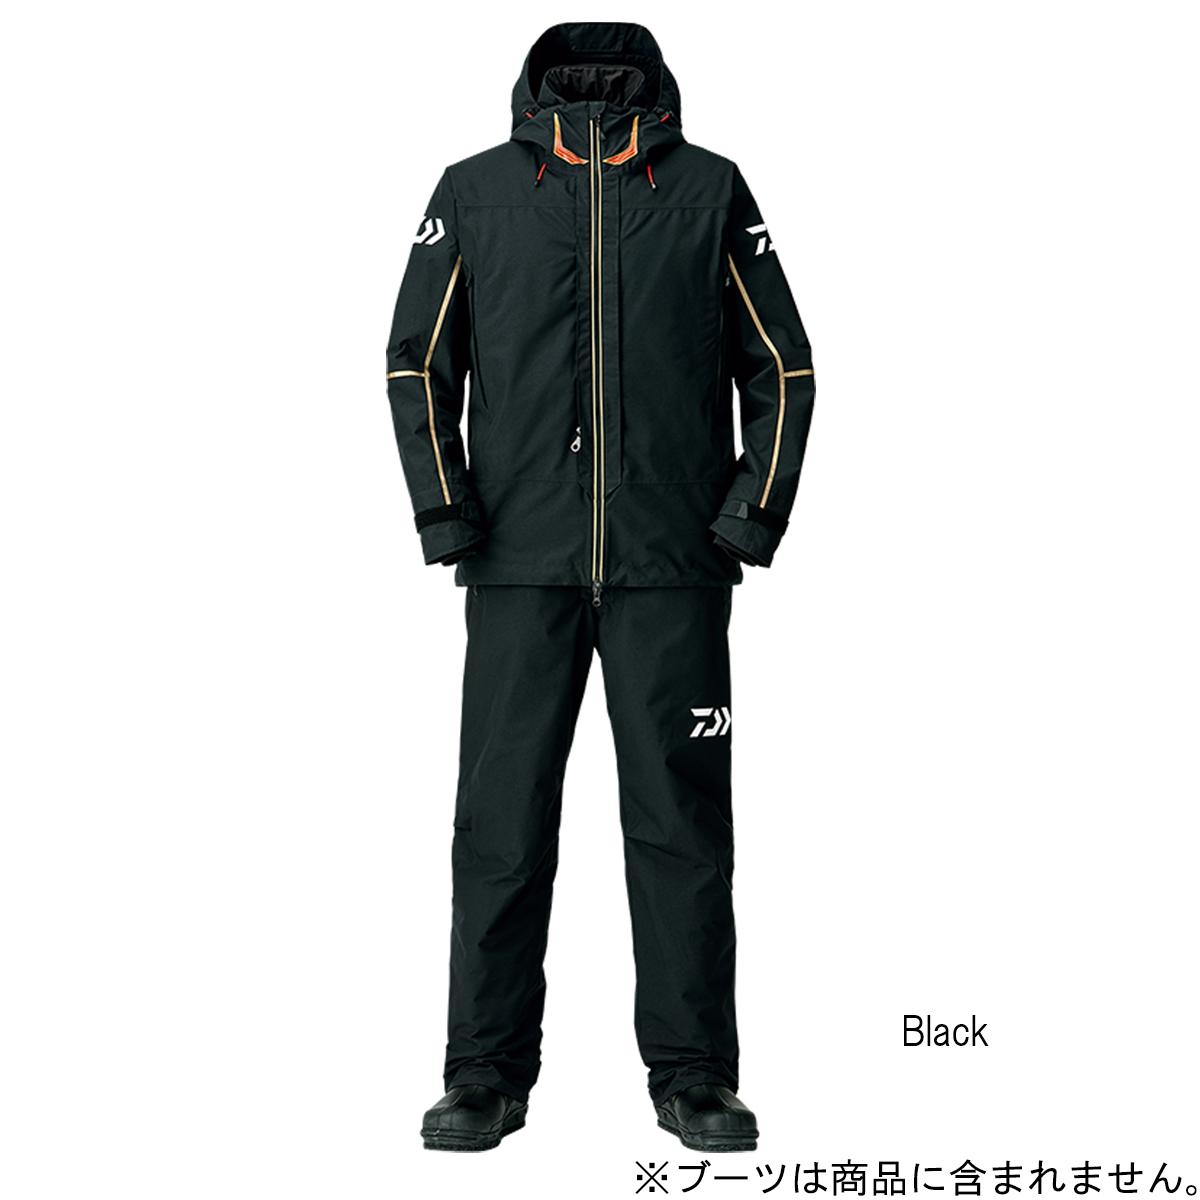 ダイワ ゴアテックス プロダクト コンビアップ ウィンタースーツ DW-1808 2XL Black(東日本店)